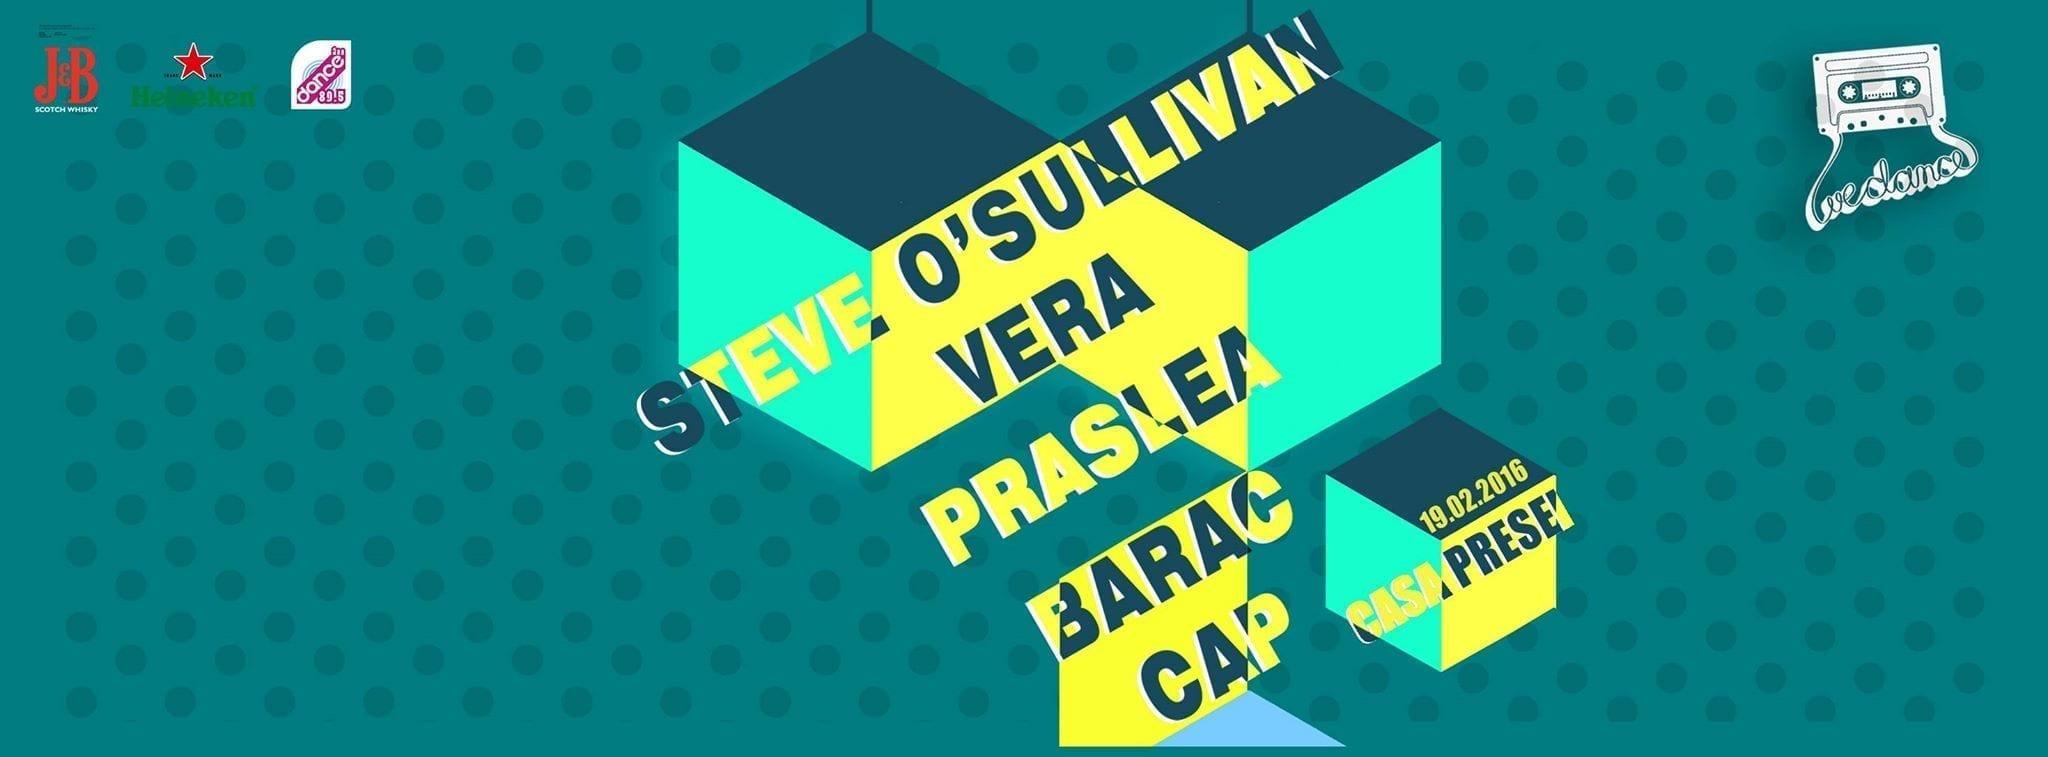 We Dance w/ Steve O'Sullivan, Vera, Praslea, Barac, Cap @ Casa Presei